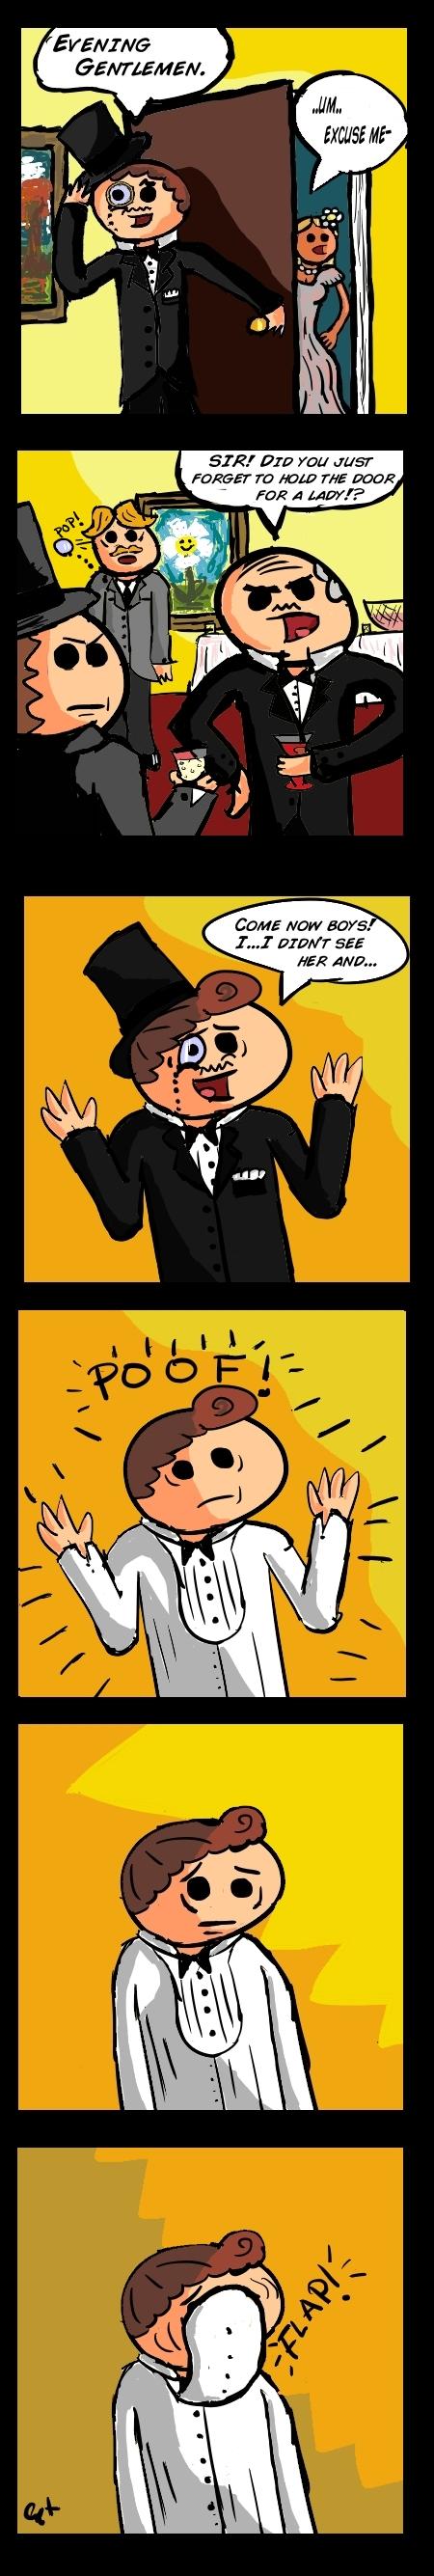 Gentleman Comic